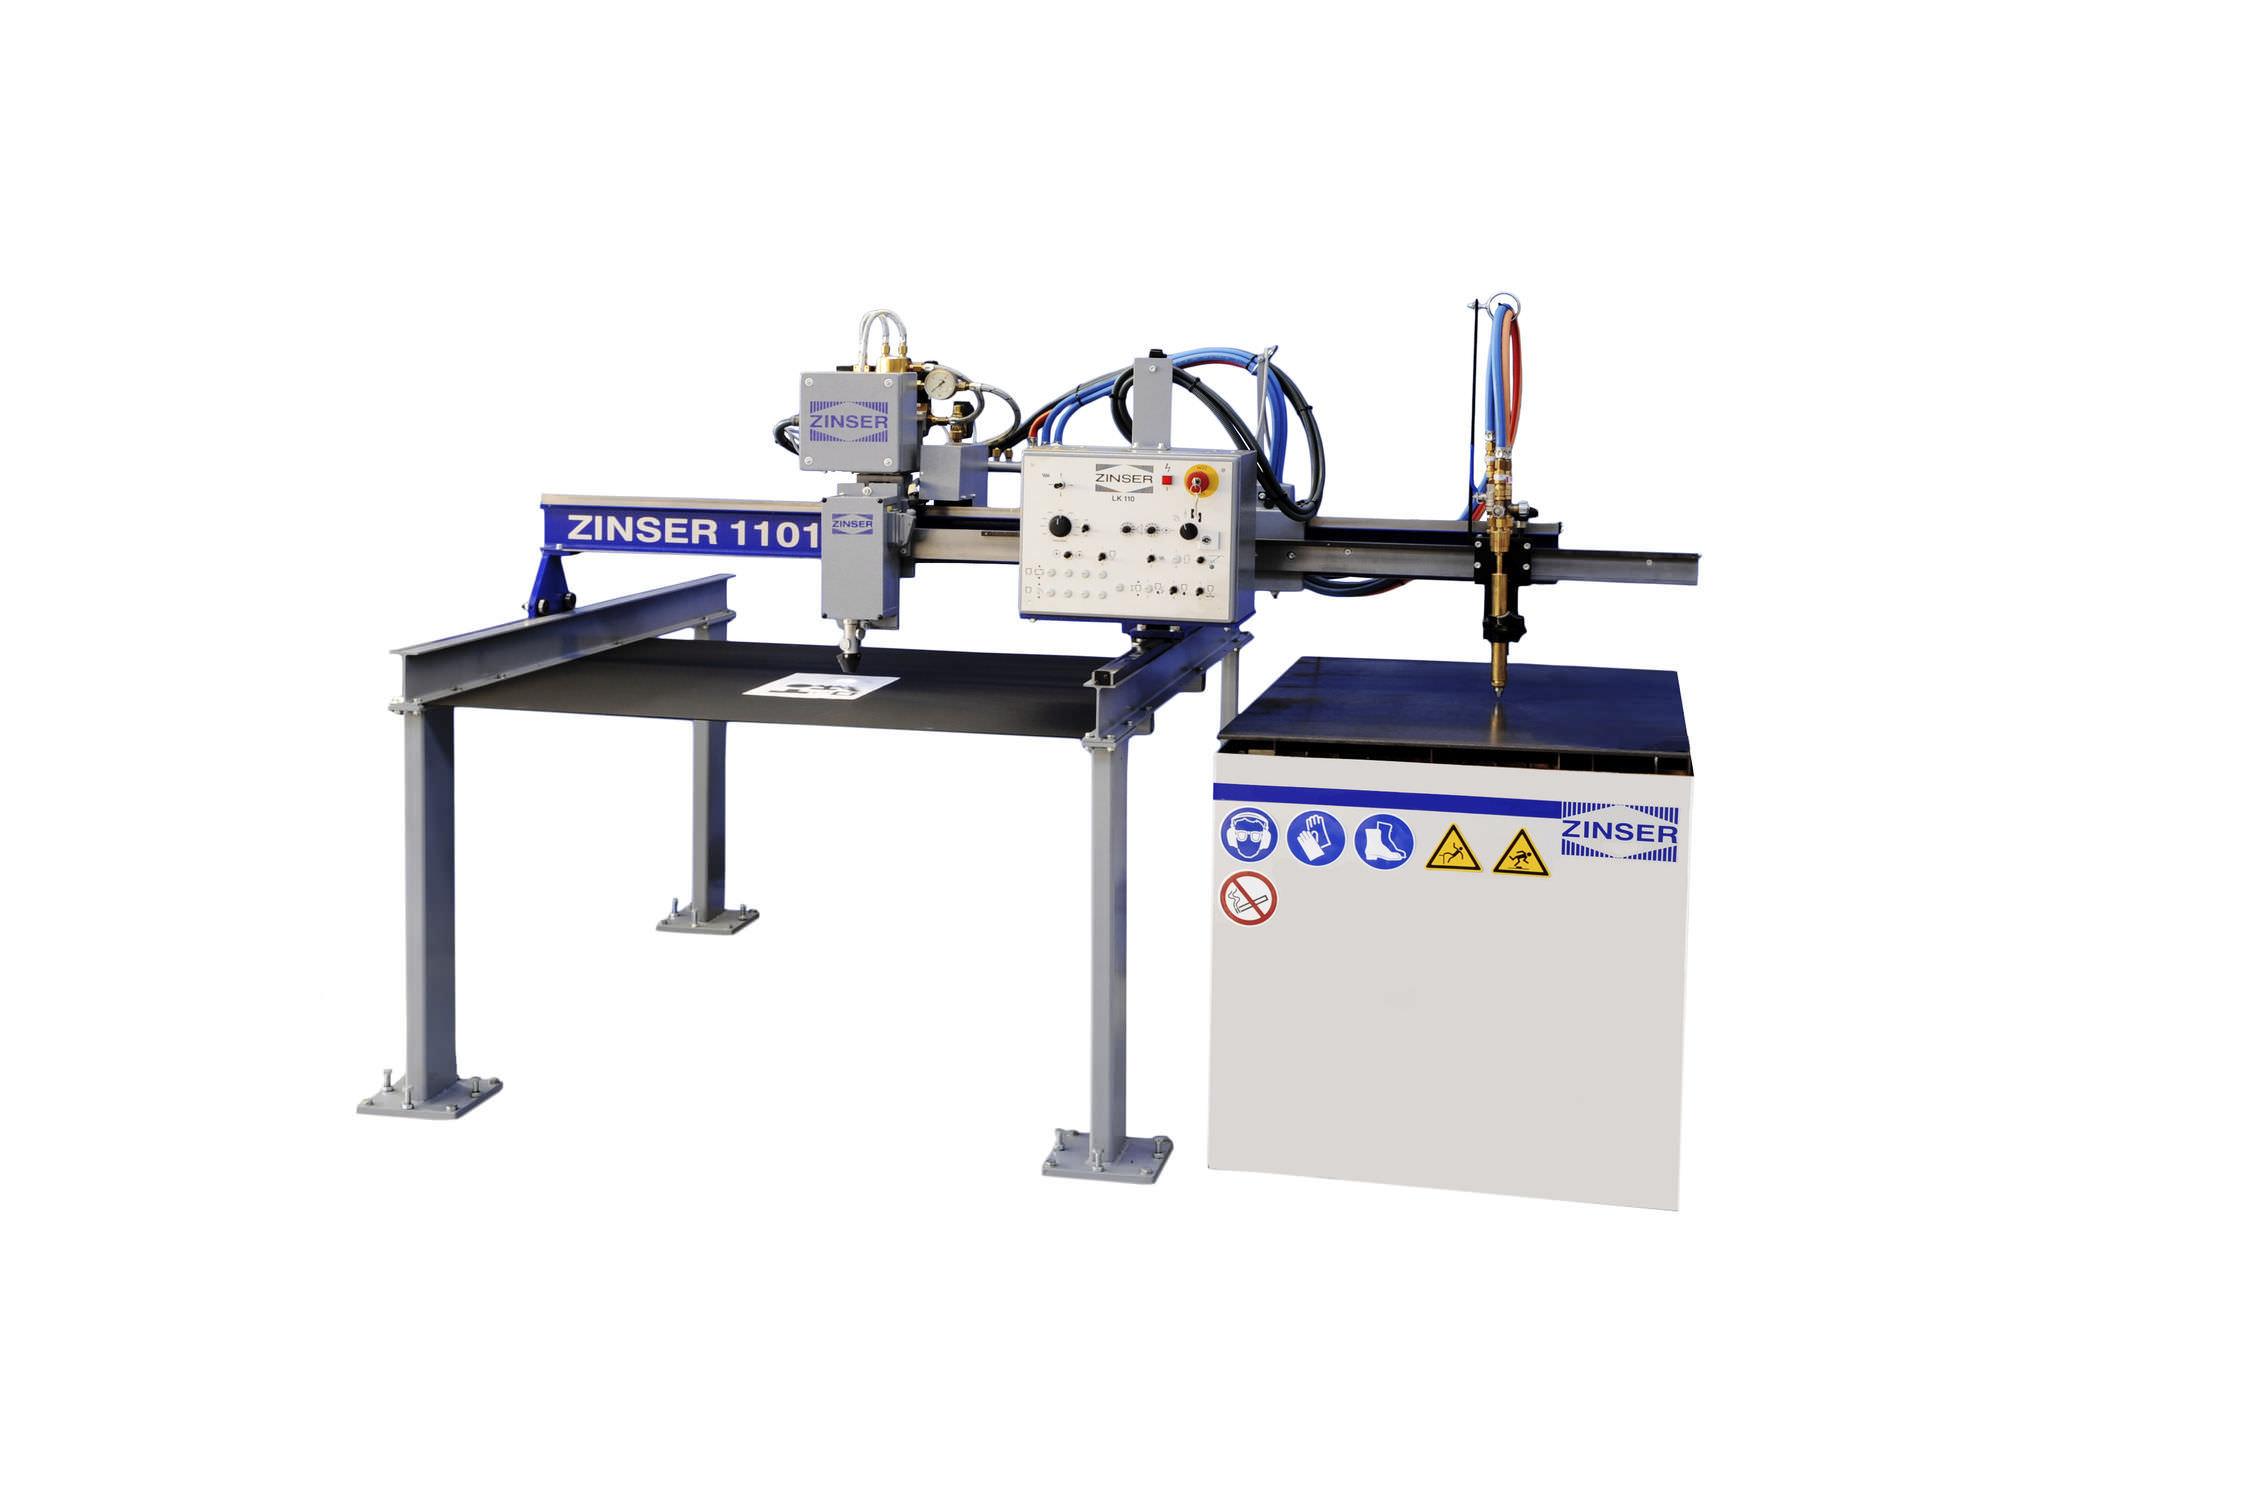 Máquina de corte para metal / por oxicorte / CNC - ZINSER 1101 ...